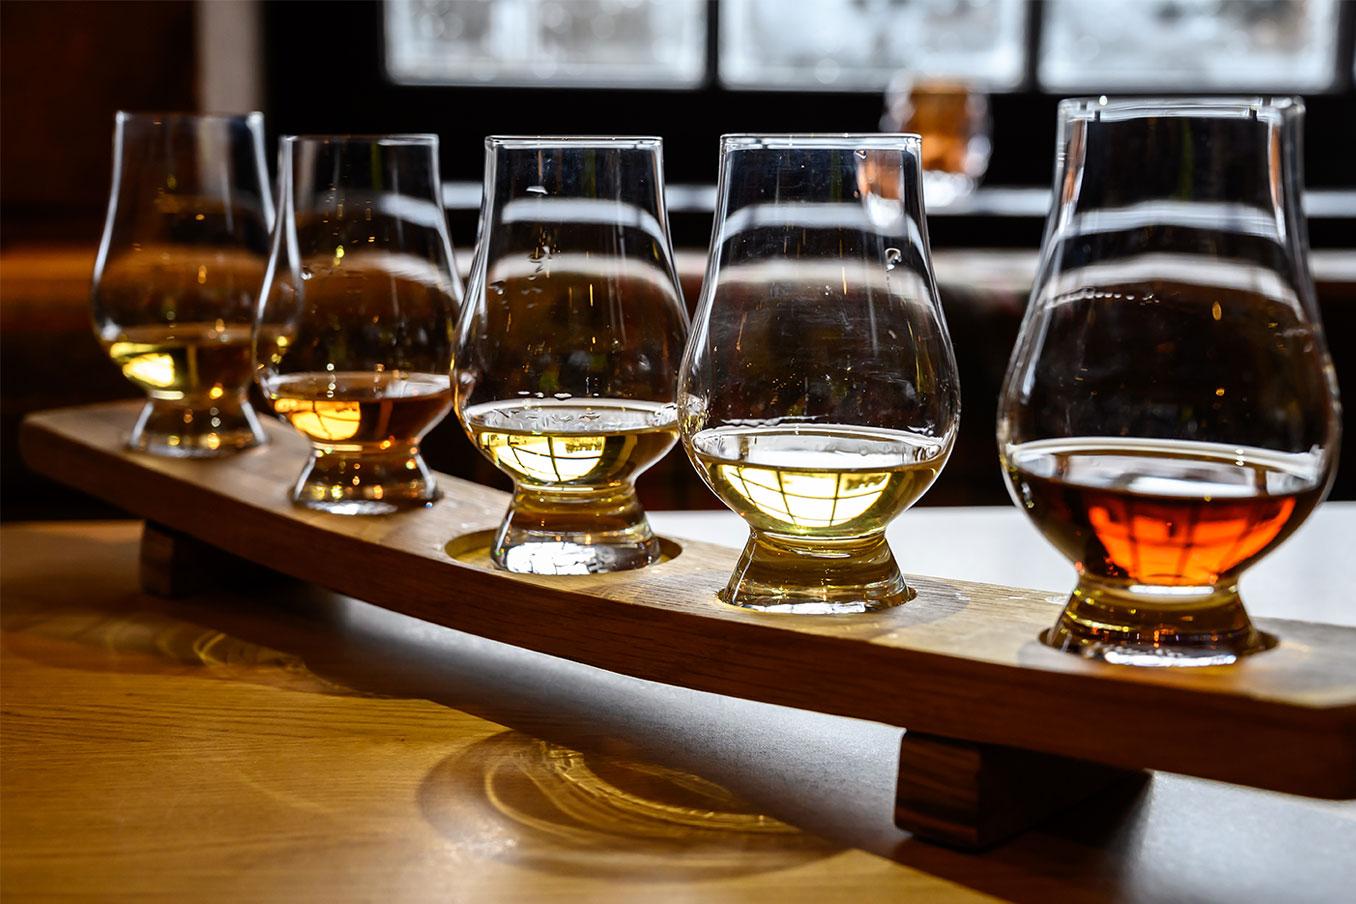 Virtual Whiskey - The Posh Guide